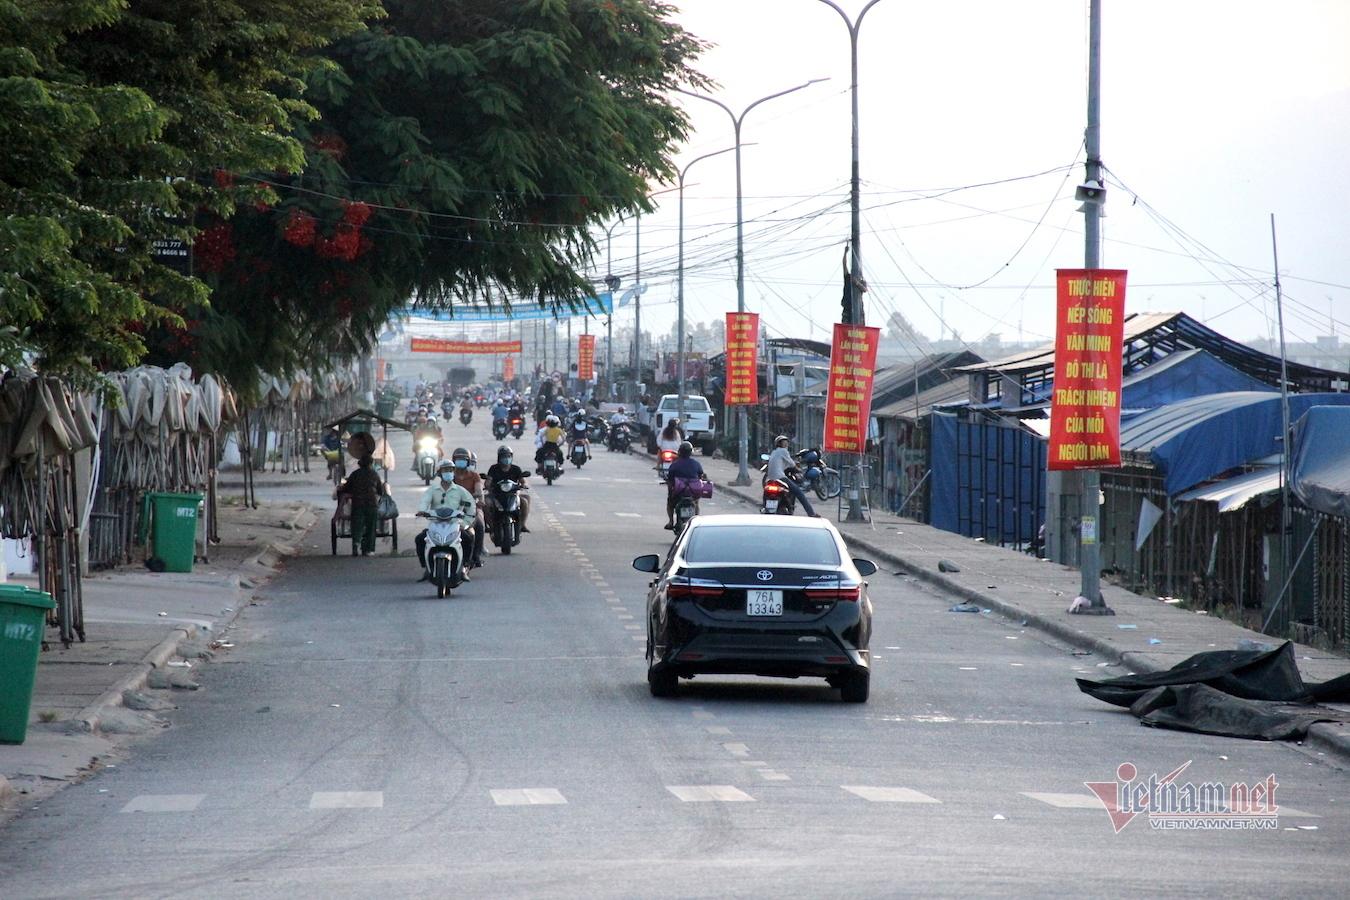 Hình ảnh chợ đêm nhộn nhịp nhất thành phố Quảng Ngãi trước giờ 'khai tử'